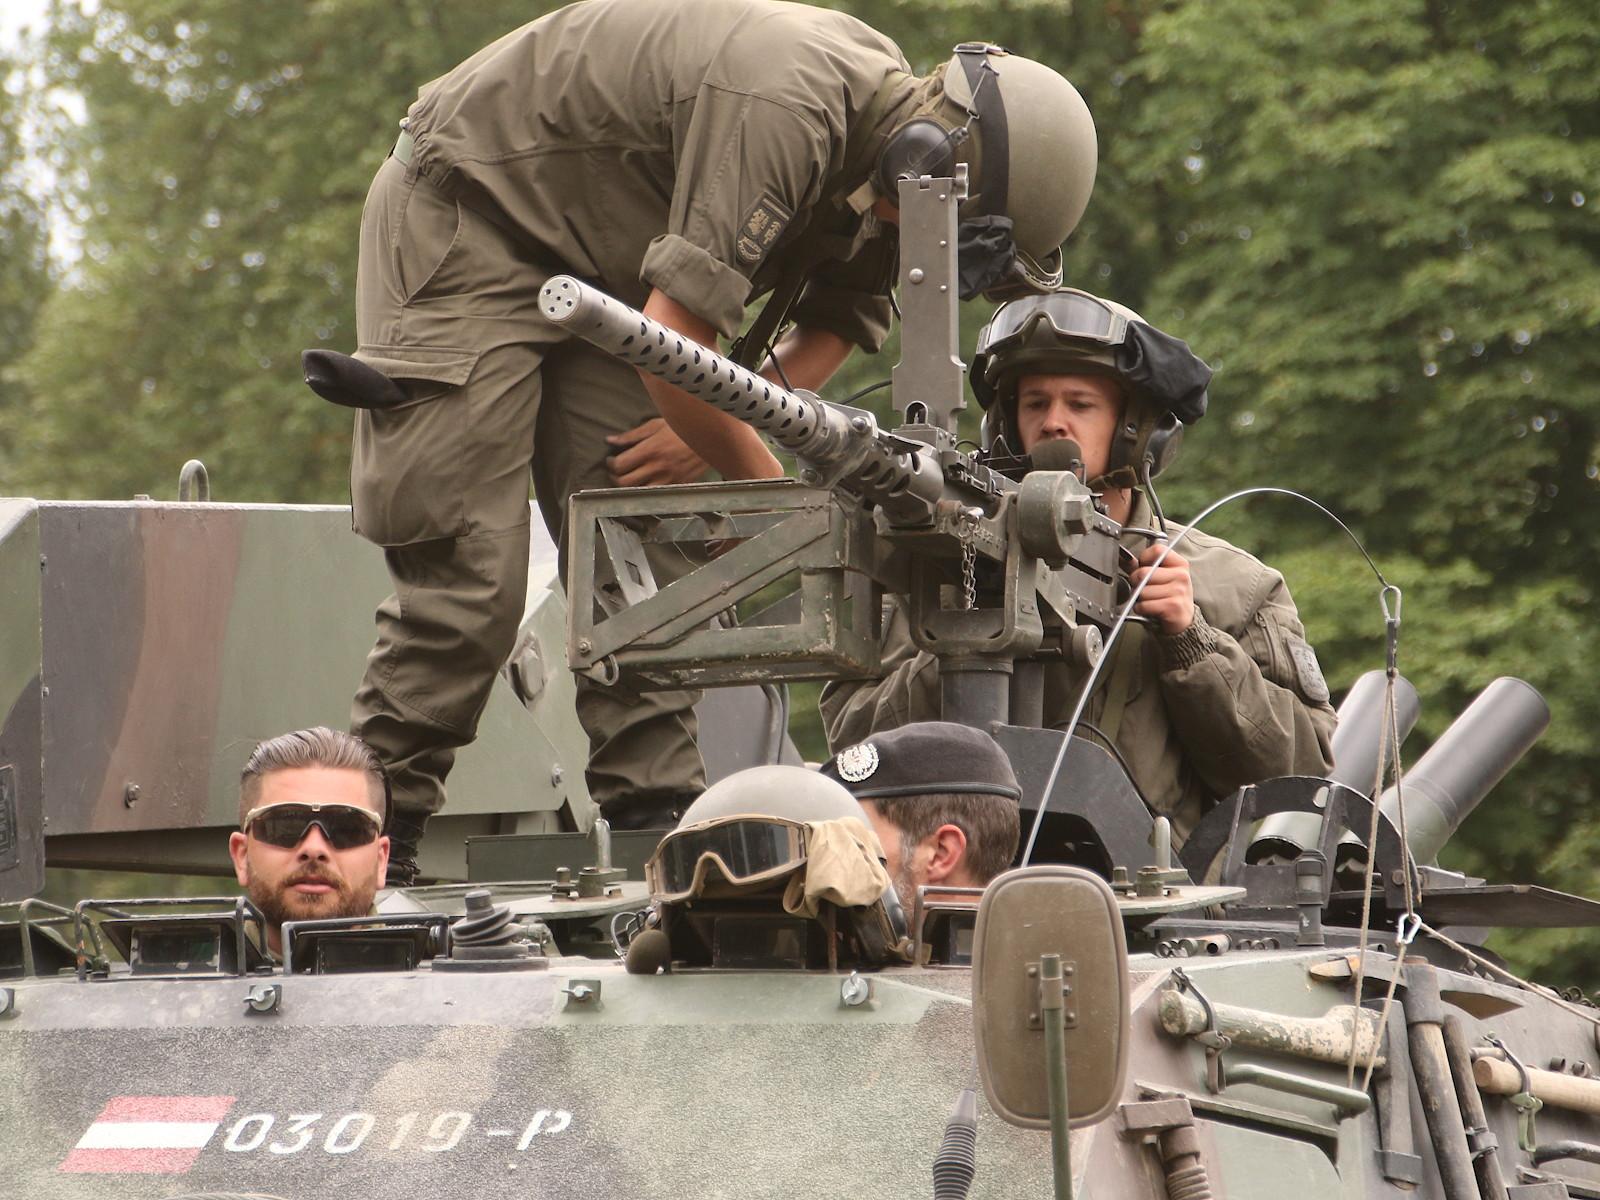 Überschweres Maschinengewehr üsMG M2 Browning mit K-Gerät © Doppeladler.com